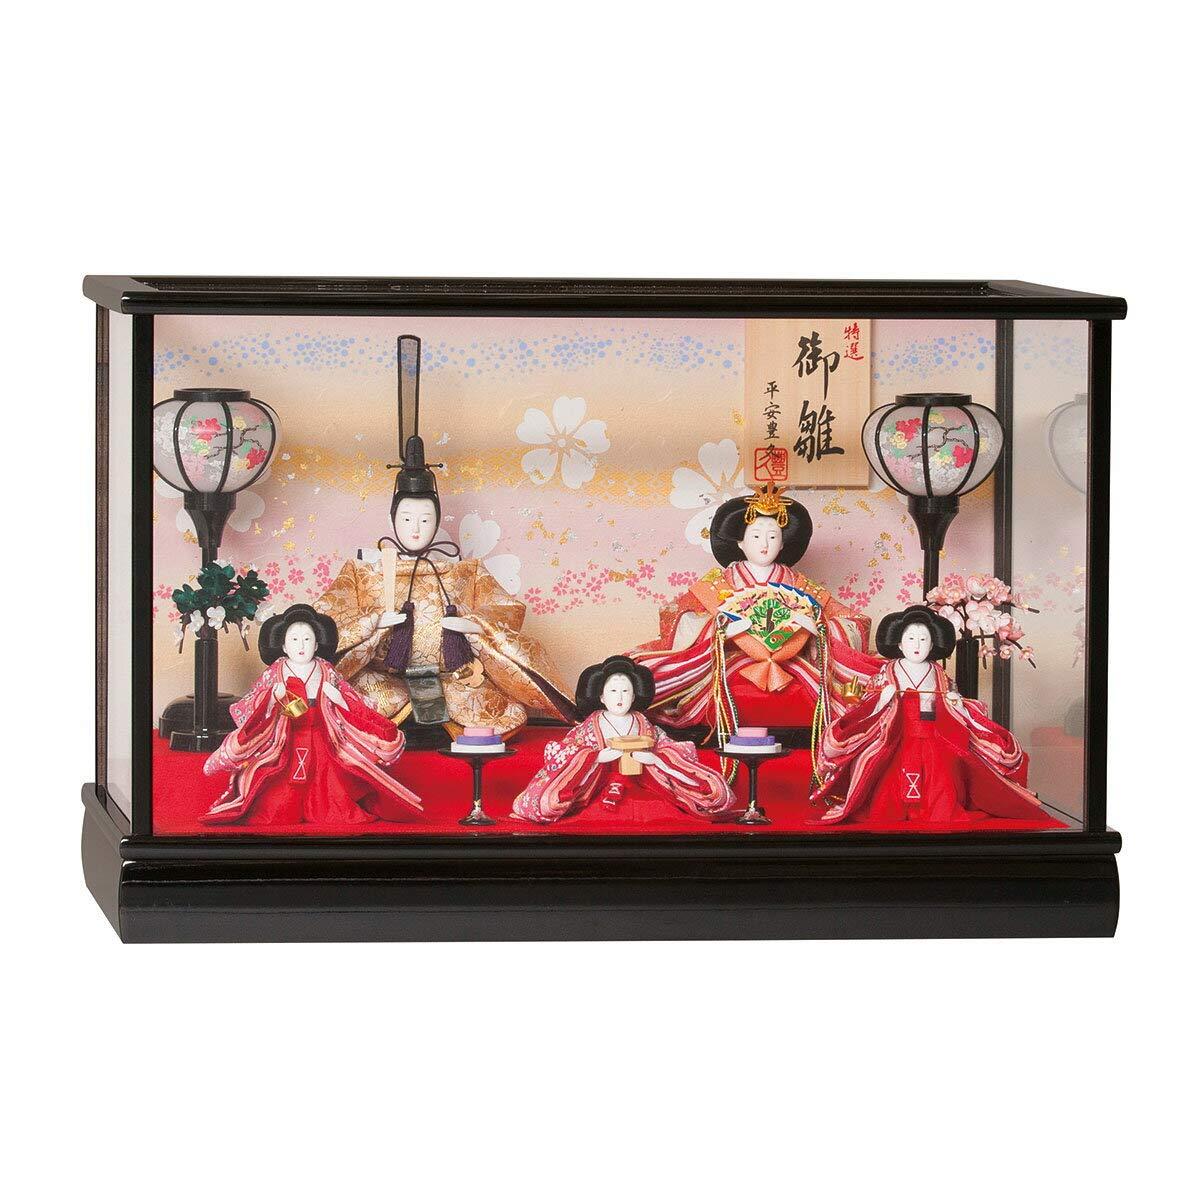 雛人形 柚希 小三五五人 ケース飾り ひな人形 ケース飾り 平安豊久 HNH-333477 HD-167   B07KCZBXQQ